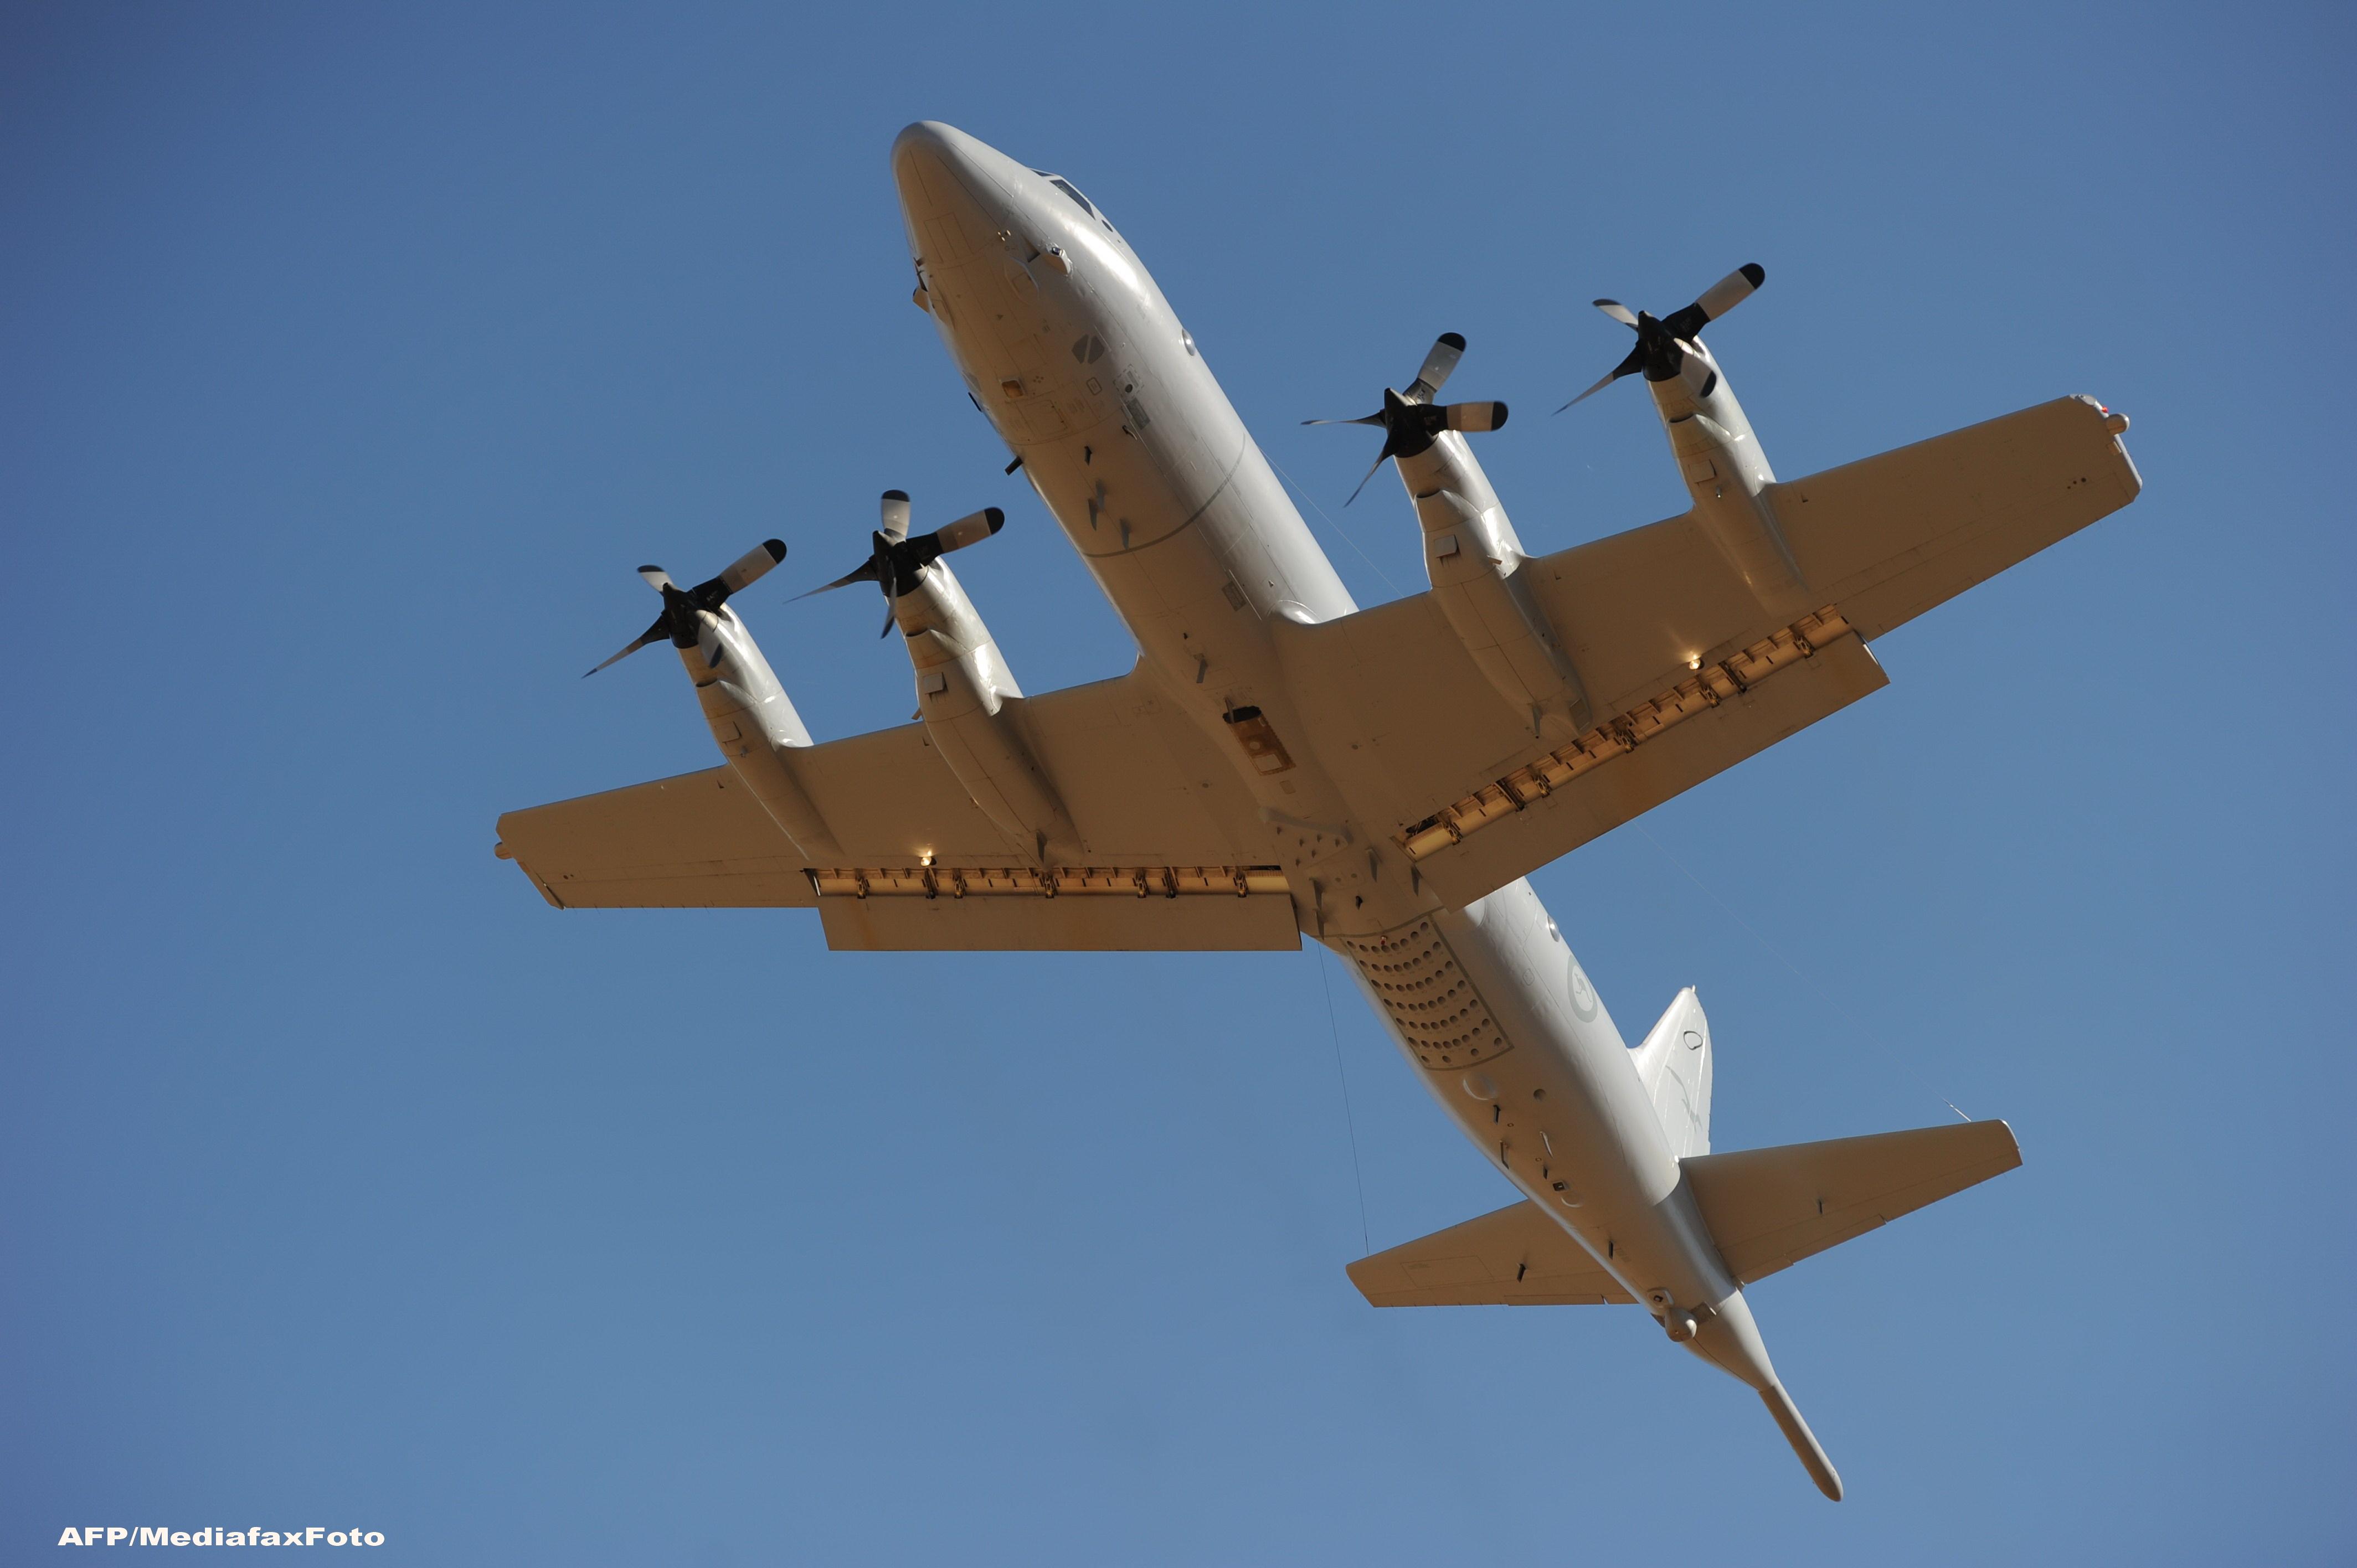 Blestemul companiei Malaysia Airlines. In 1977, un alt avion al sau s-a prabusit. Rudele victimelor nu stiu ce s-a intamplat